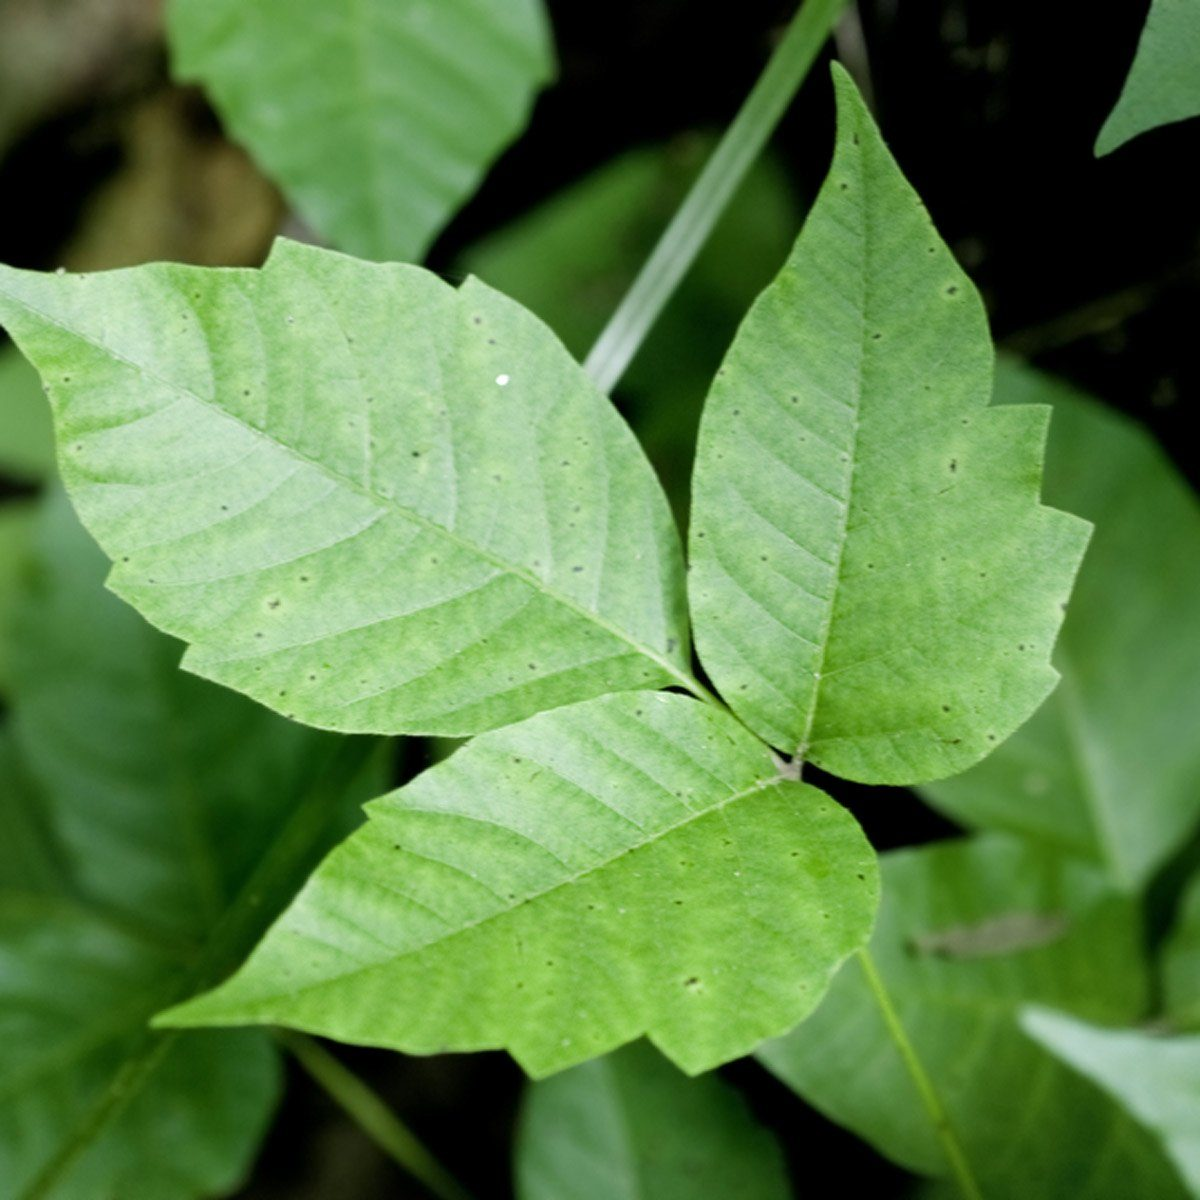 poison ivy foliage